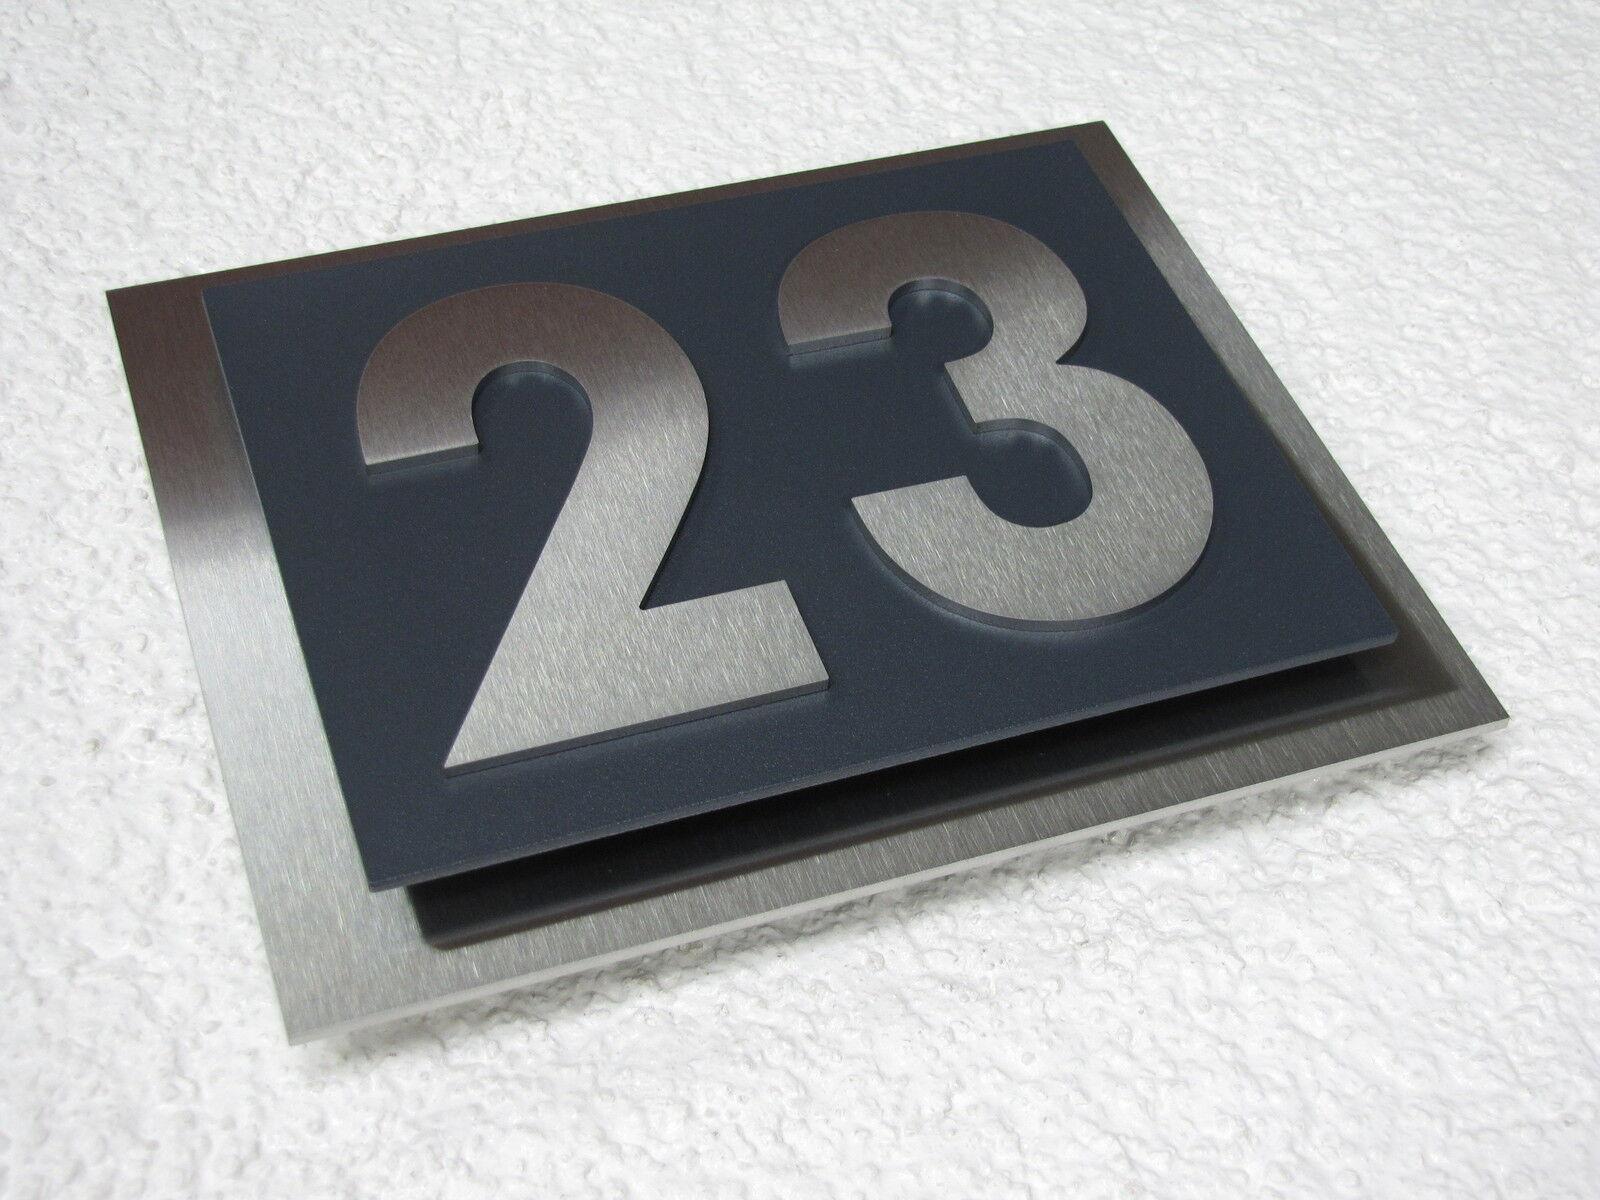 exklusive designer hausnummer edelstahl anthrazit ral 7016 1 9 a h a h modern eur 78 95. Black Bedroom Furniture Sets. Home Design Ideas